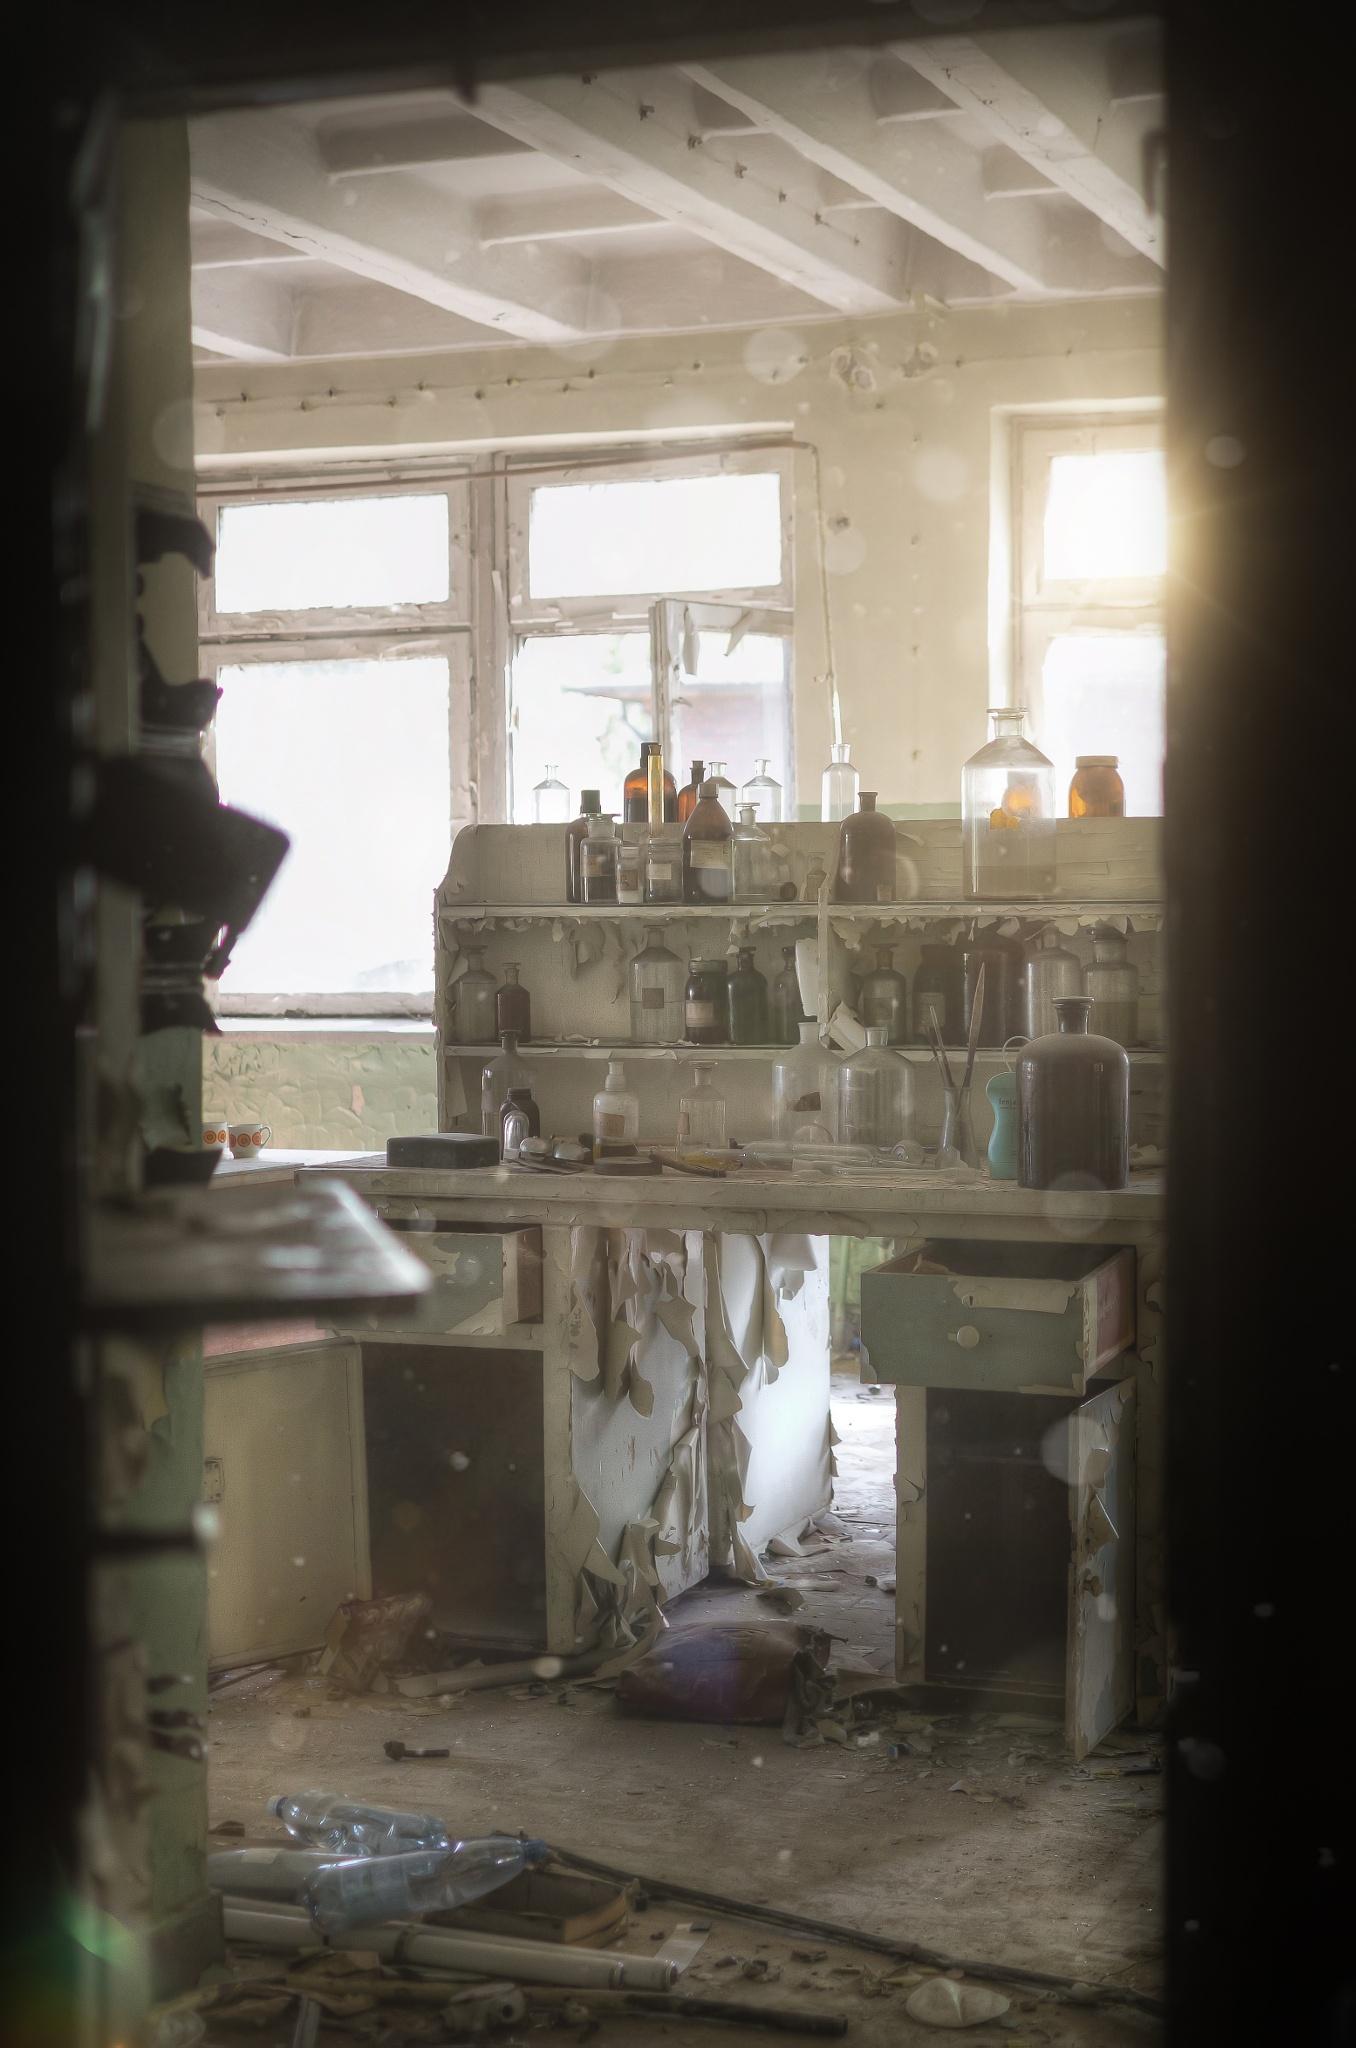 Sun in the lab by Karol Tuśnio